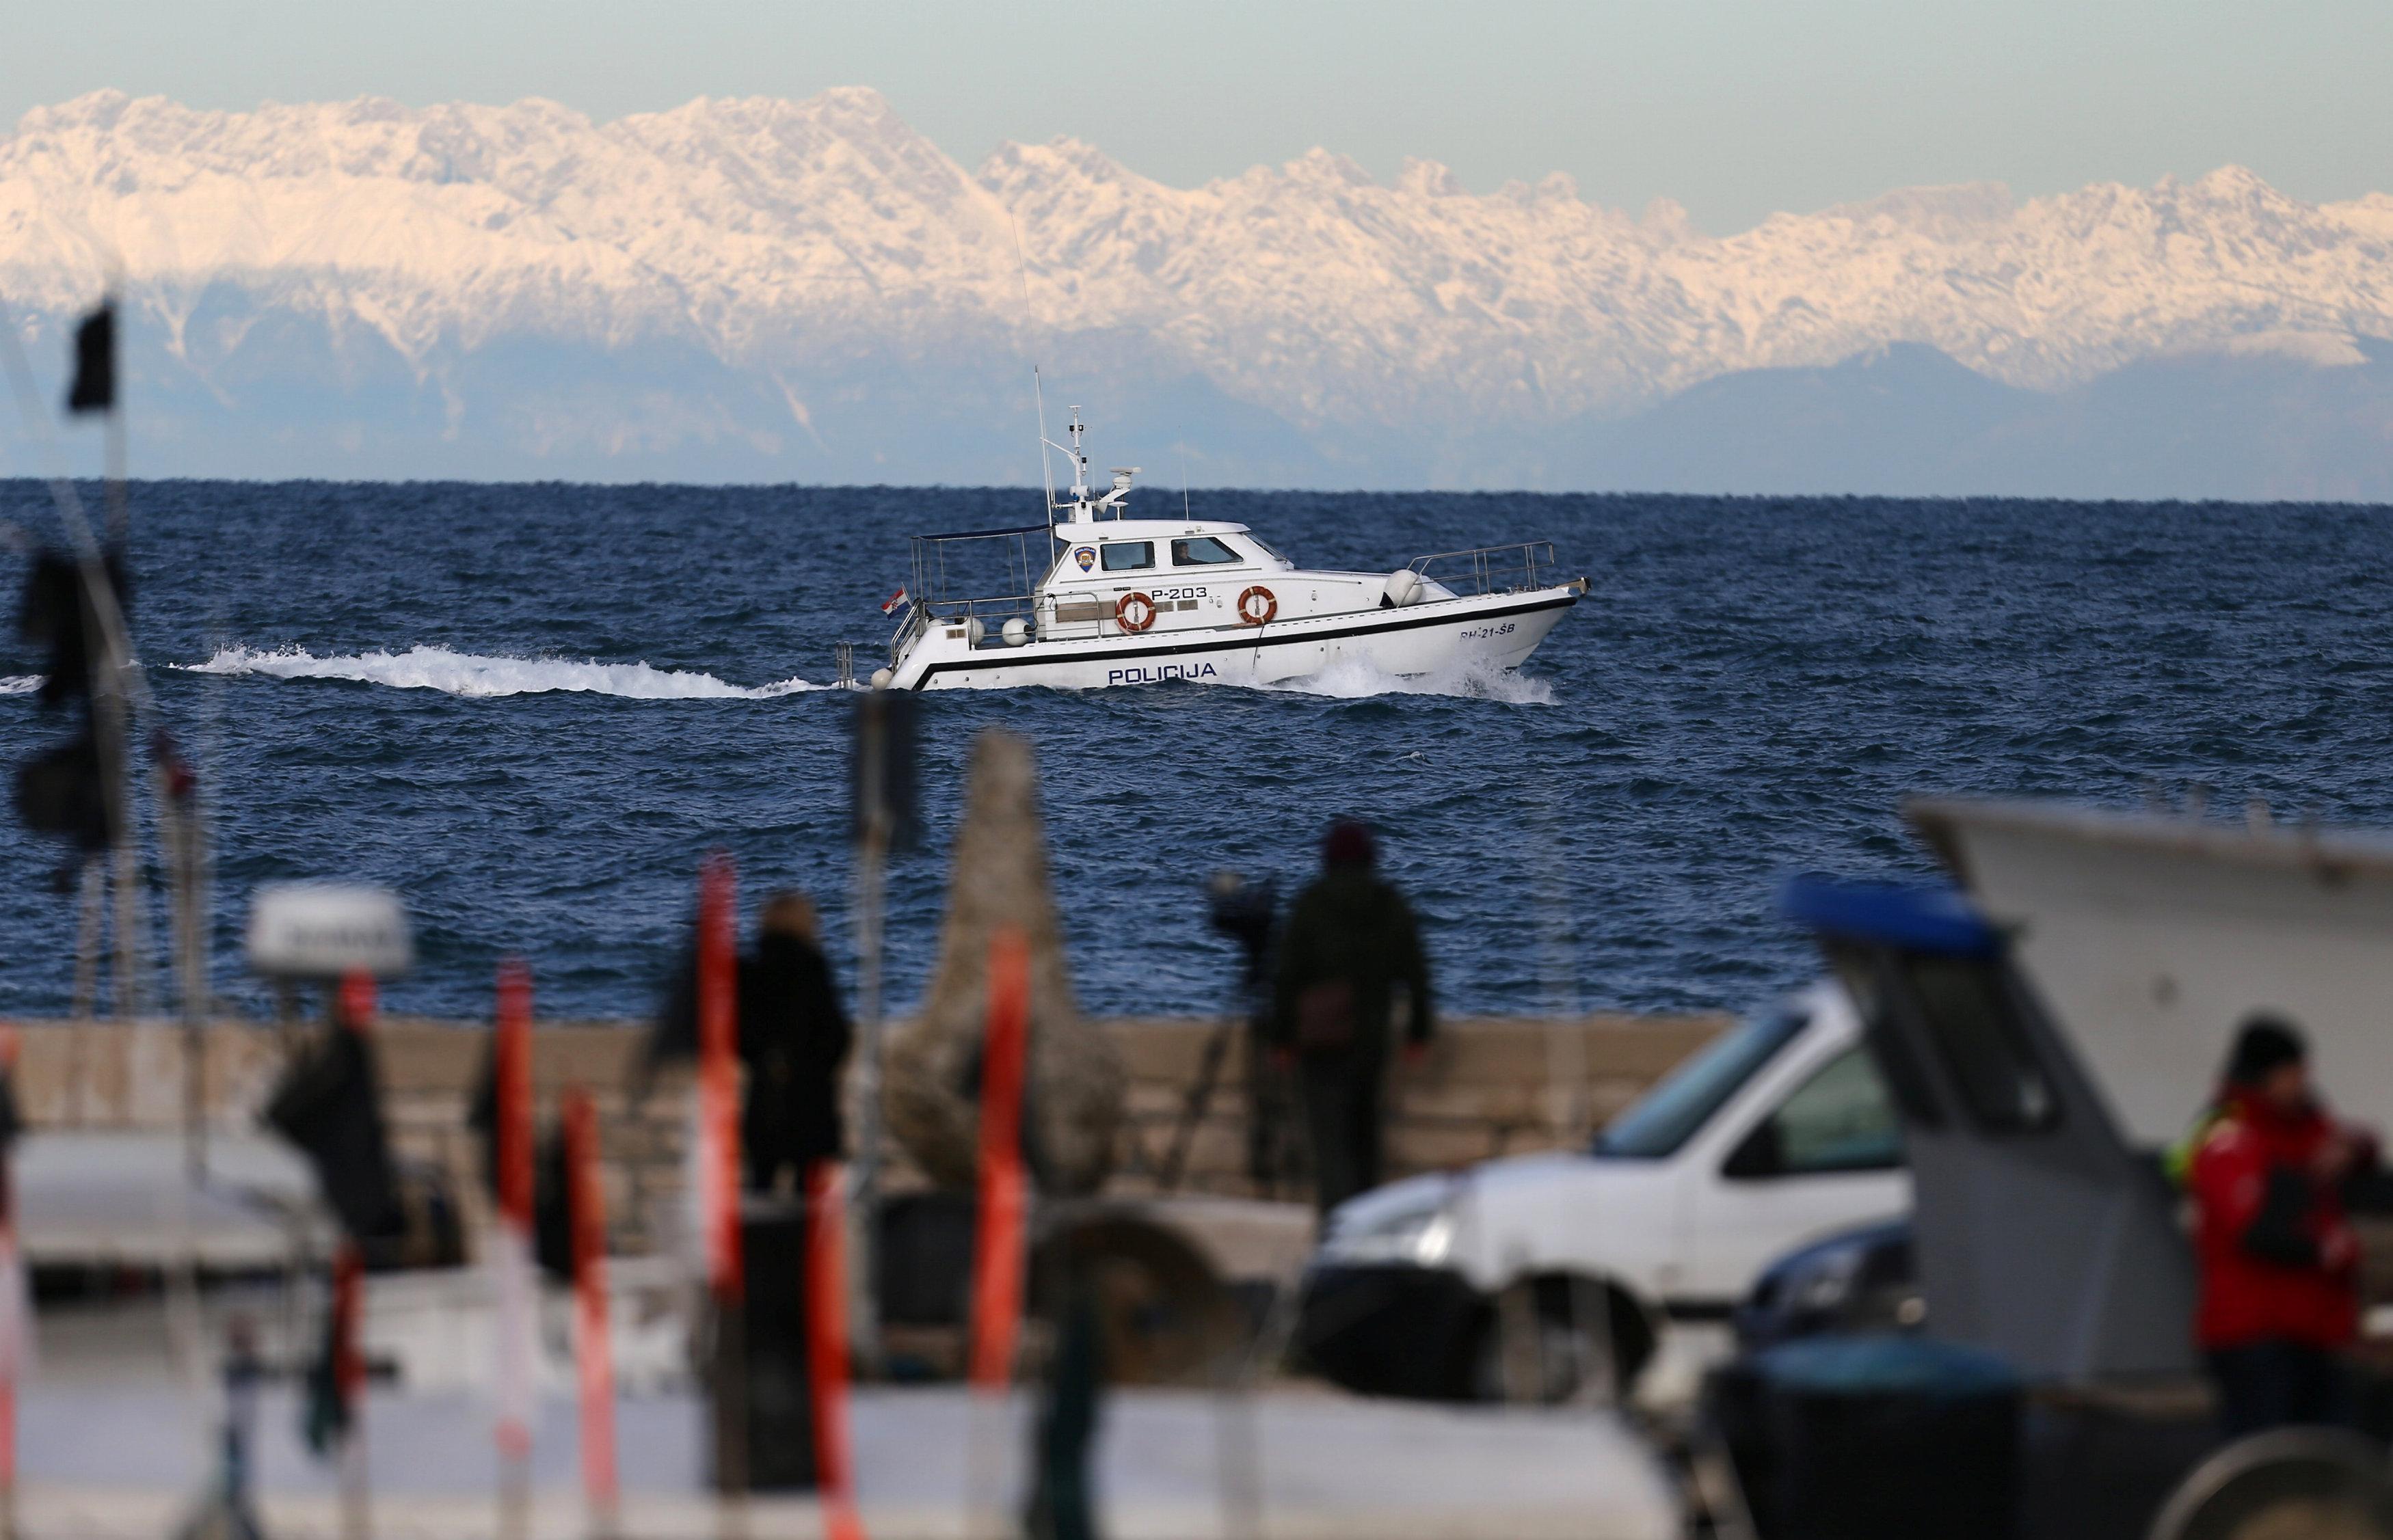 Lancha de patrulla croata en el golfo de Piran, 29 de diciembre de 2017